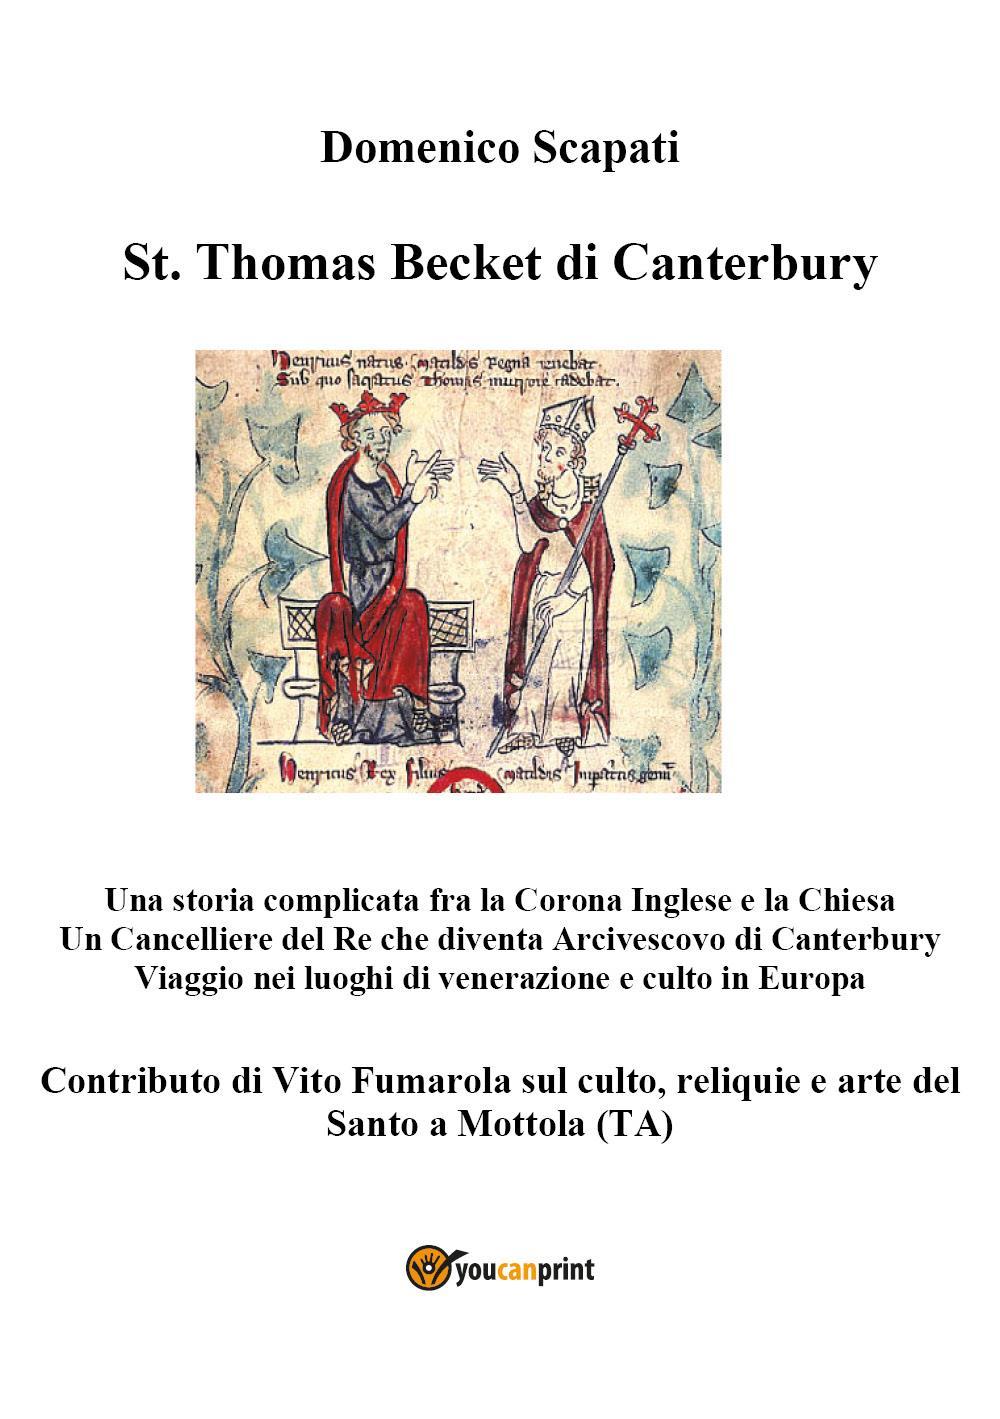 St. Thomas Becket di Canterbury